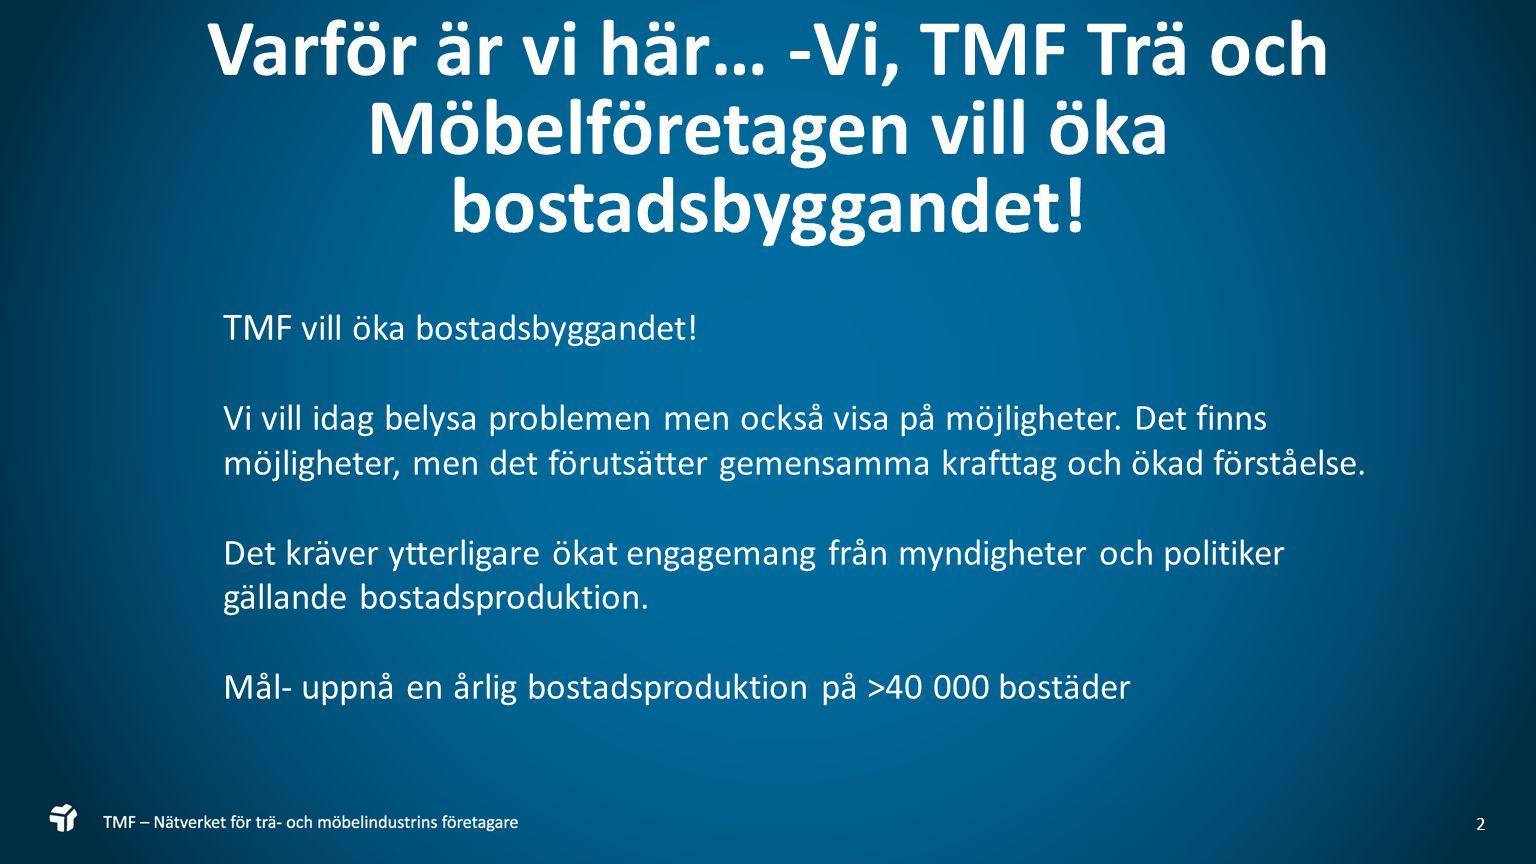 2 Varför är vi här… -Vi, TMF Trä och Möbelföretagen vill öka bostadsbyggandet! TMF vill öka bostadsbyggandet! Vi vill idag belysa problemen men också